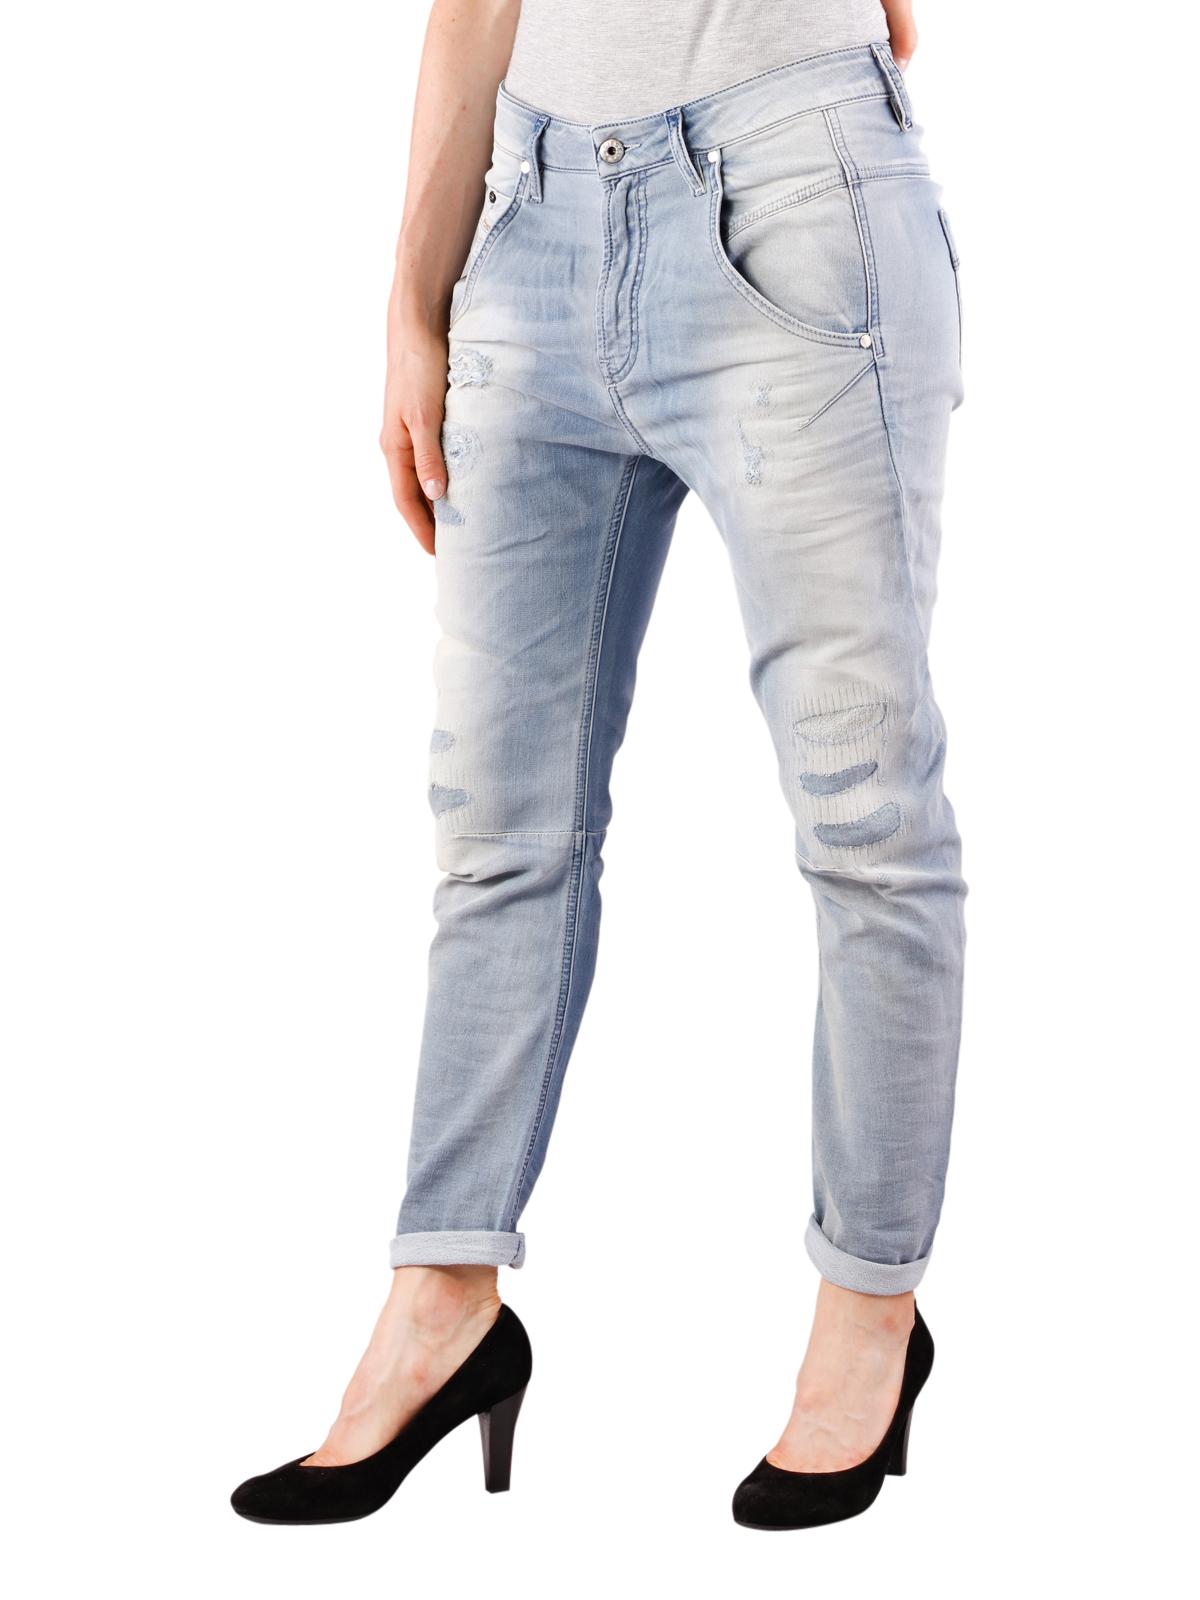 McJeans ch - Fast Delivery | Diesel Fayza-NE Sweat Jeans Boyfriend | Free  Shipping - Free Returns